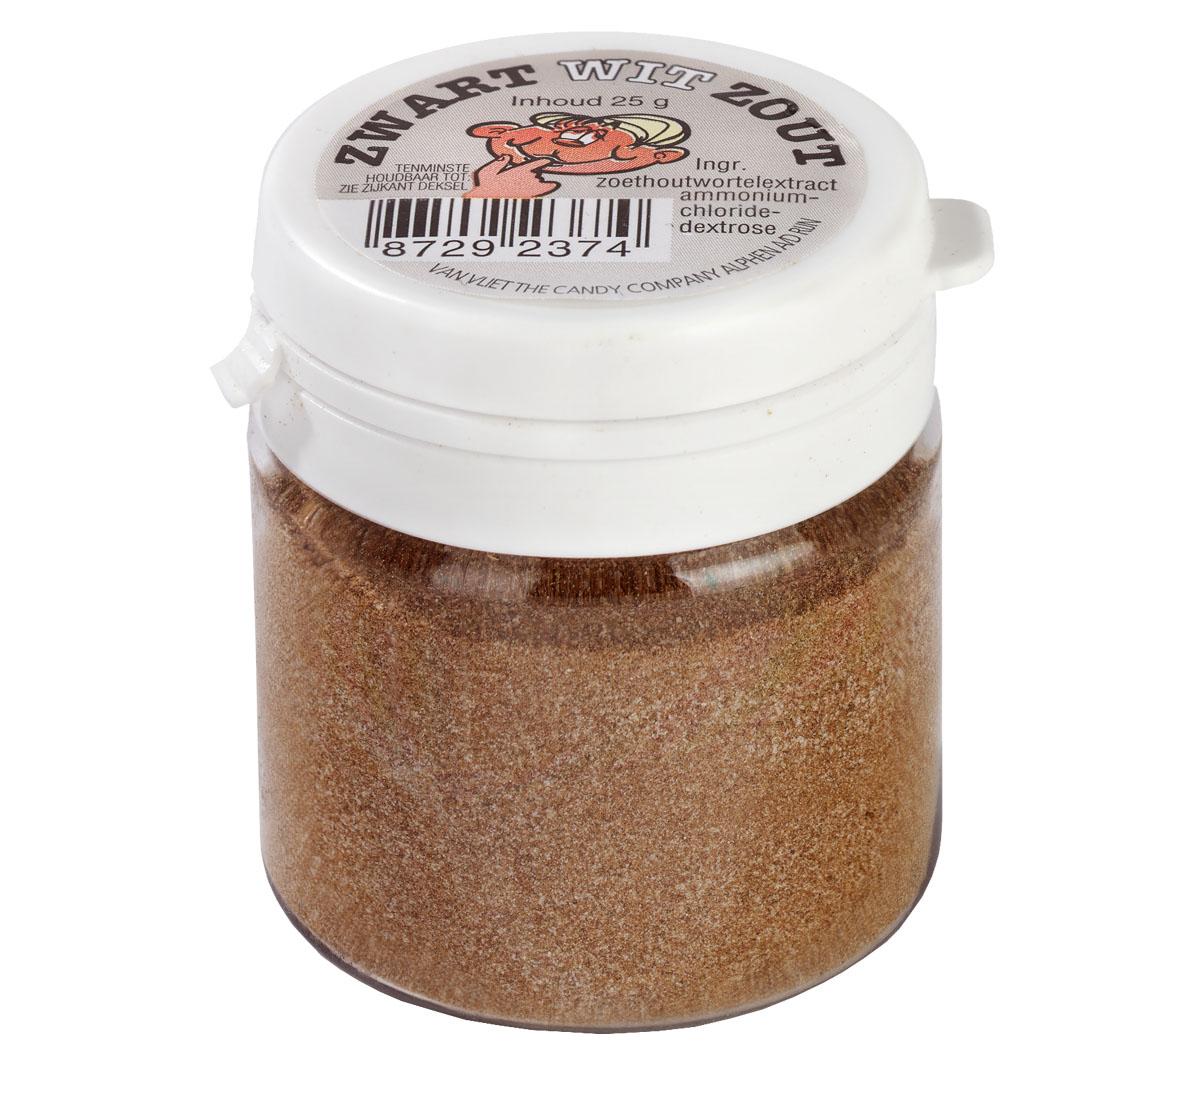 Snuspulverburk salt 25g